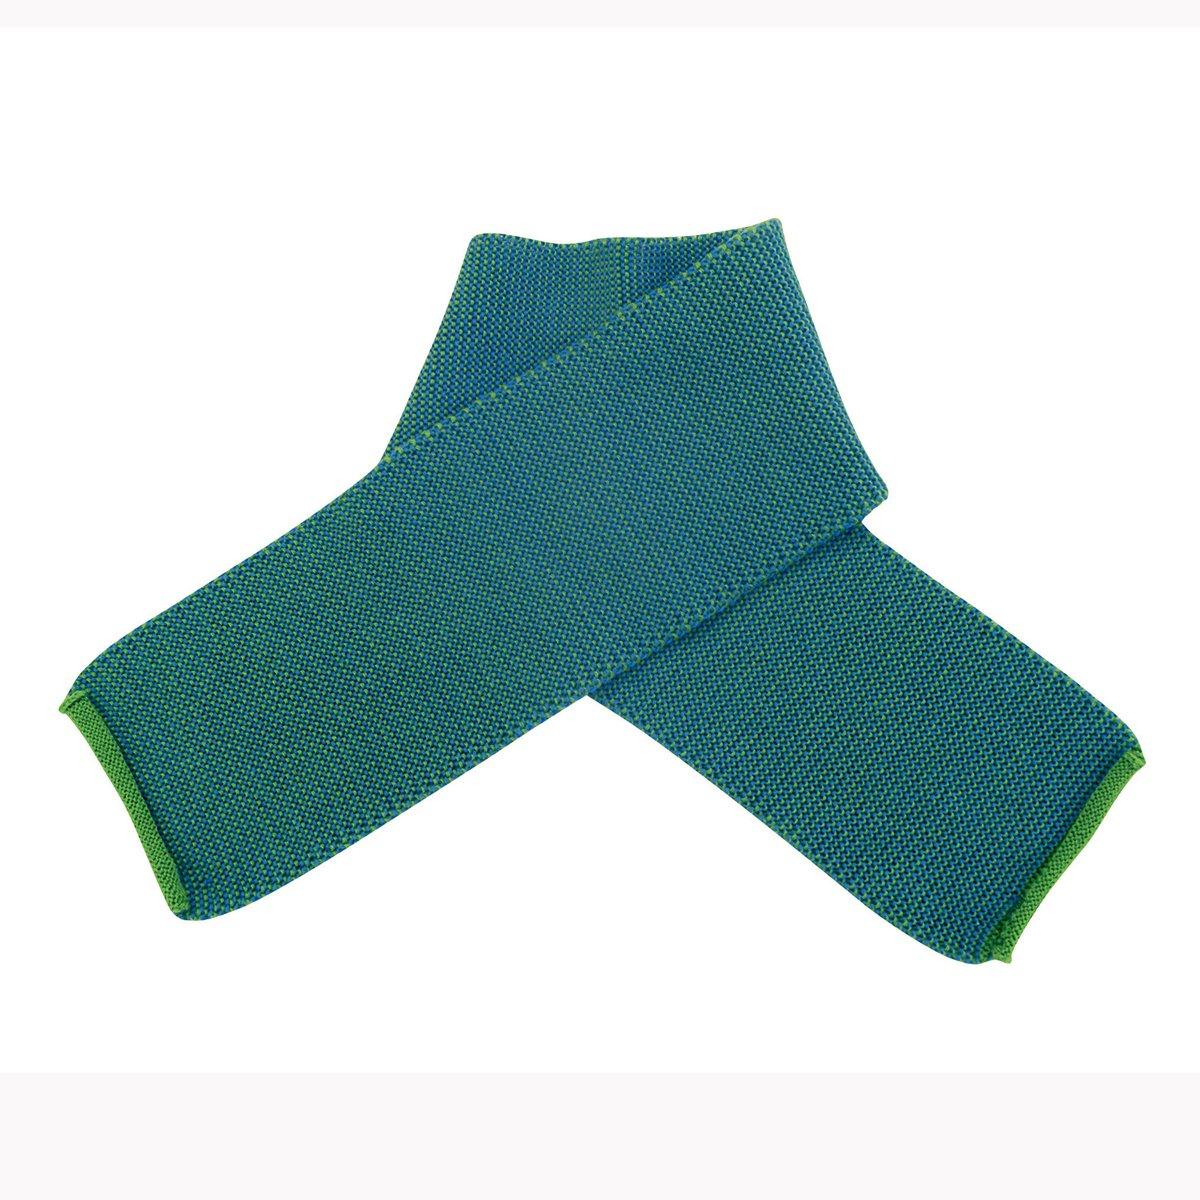 Sciarpa in lana Merino -col. verde melange Disana 26548-000-00505-21